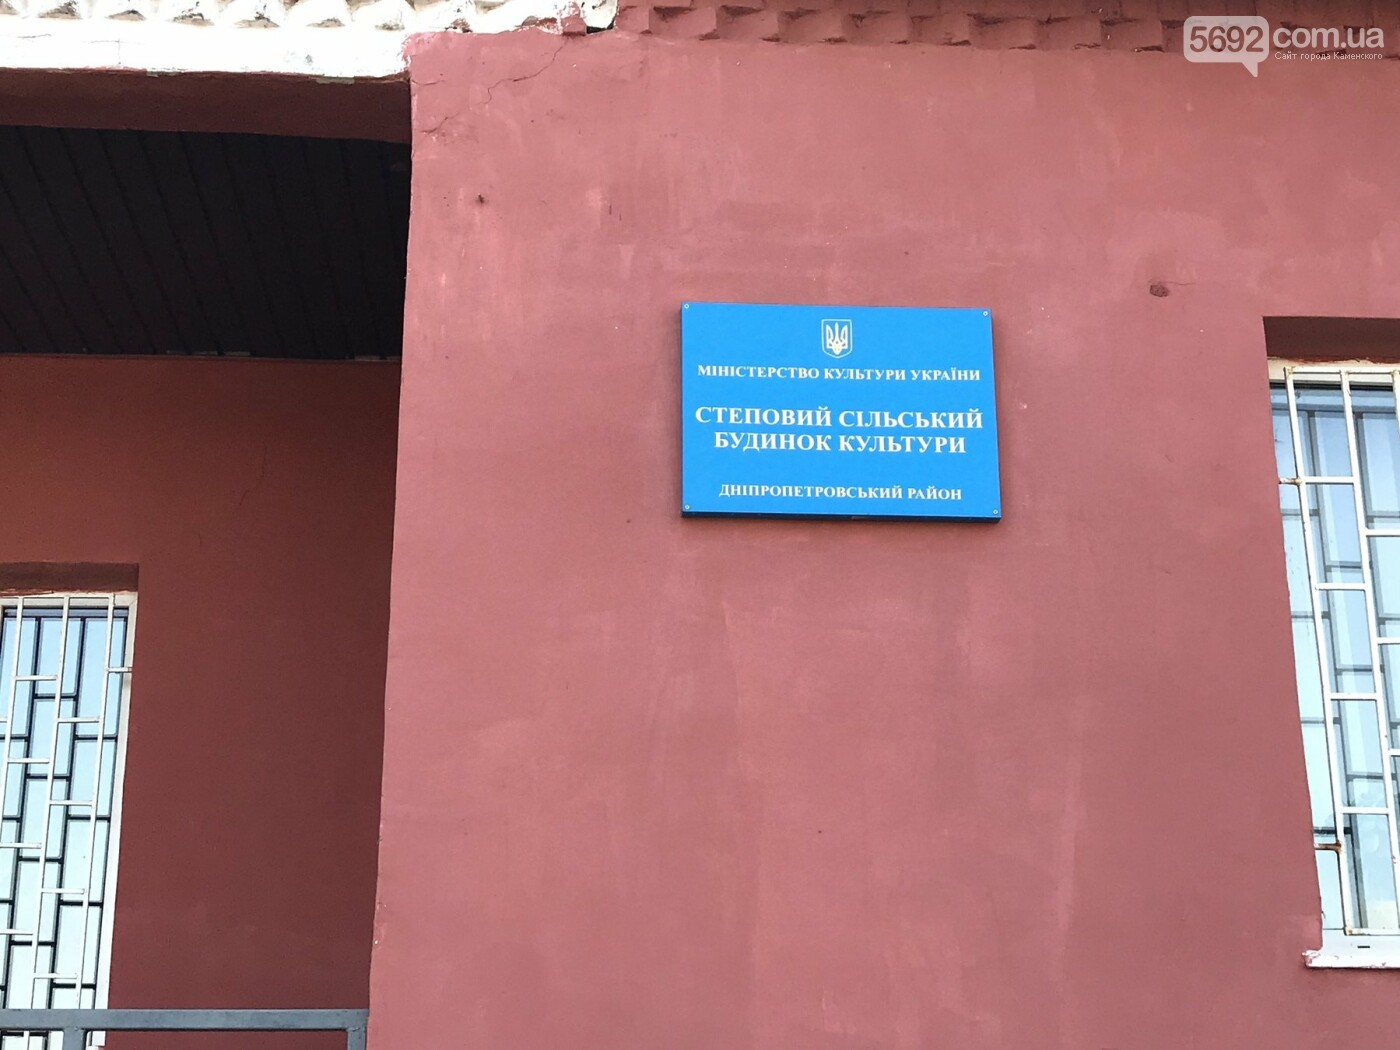 Что получит Каменское в случае присоединения: репортаж из Степового, фото-1